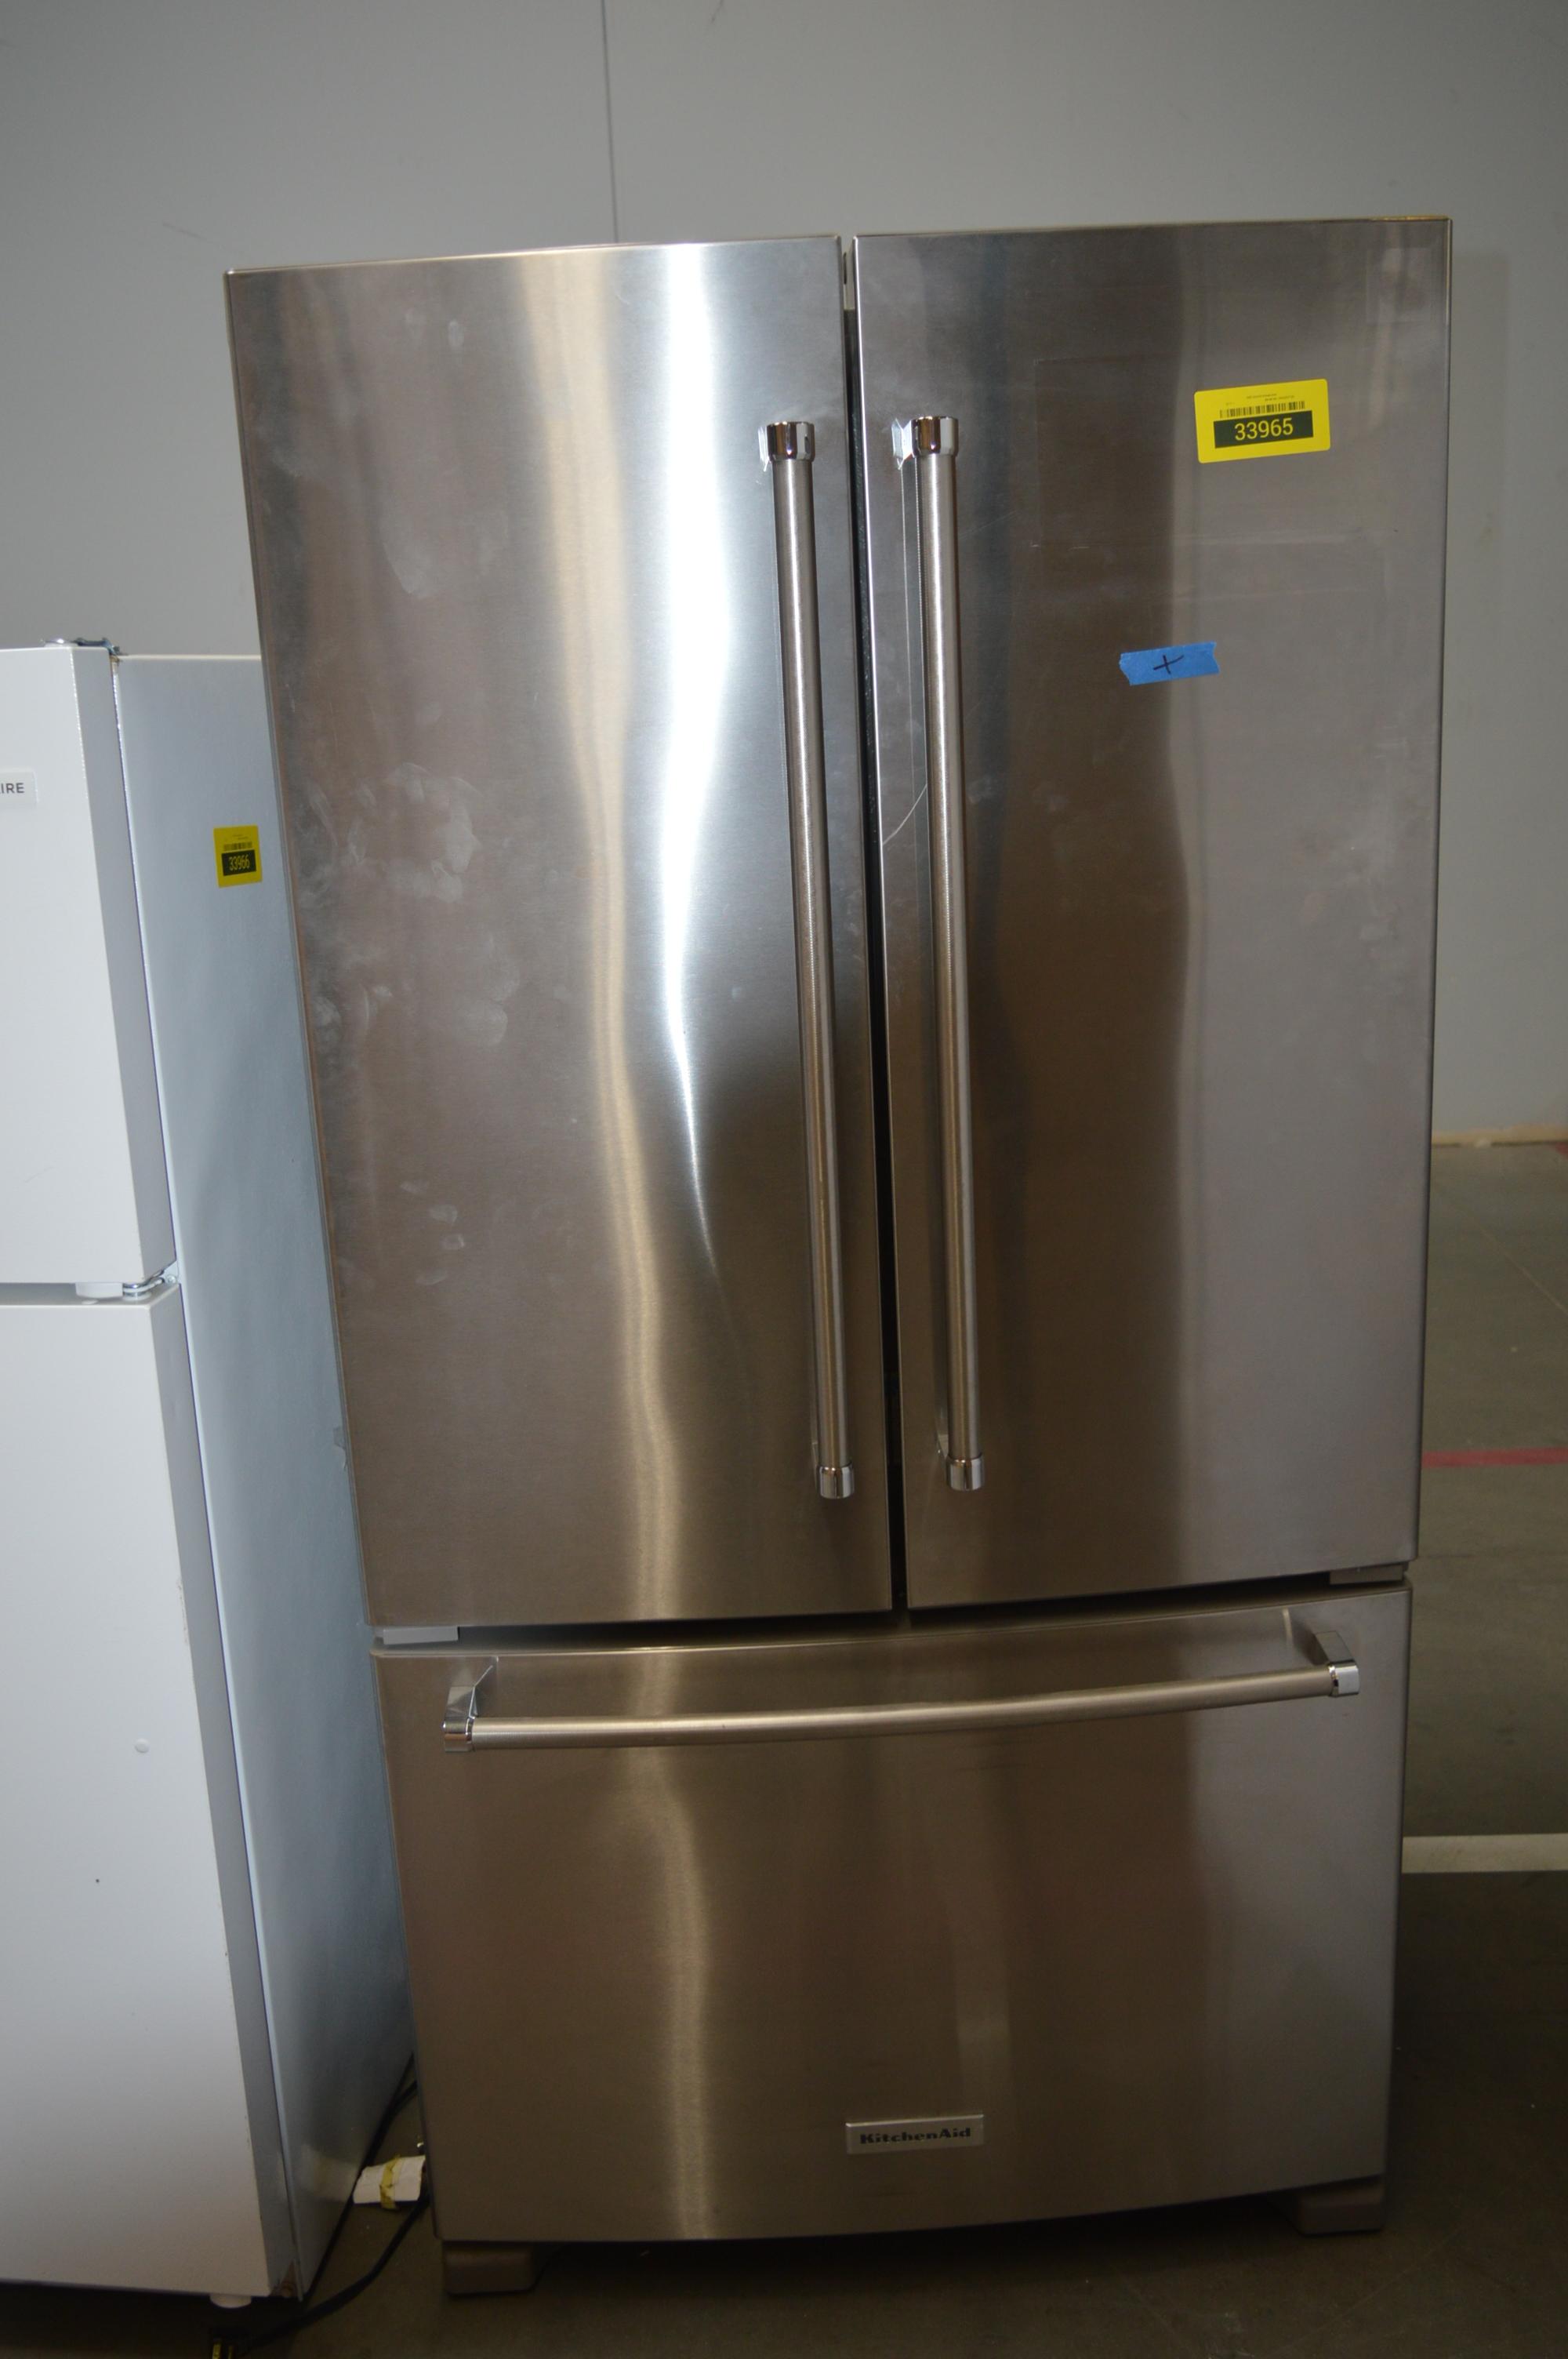 KitchenAid KRFC300ESS 30